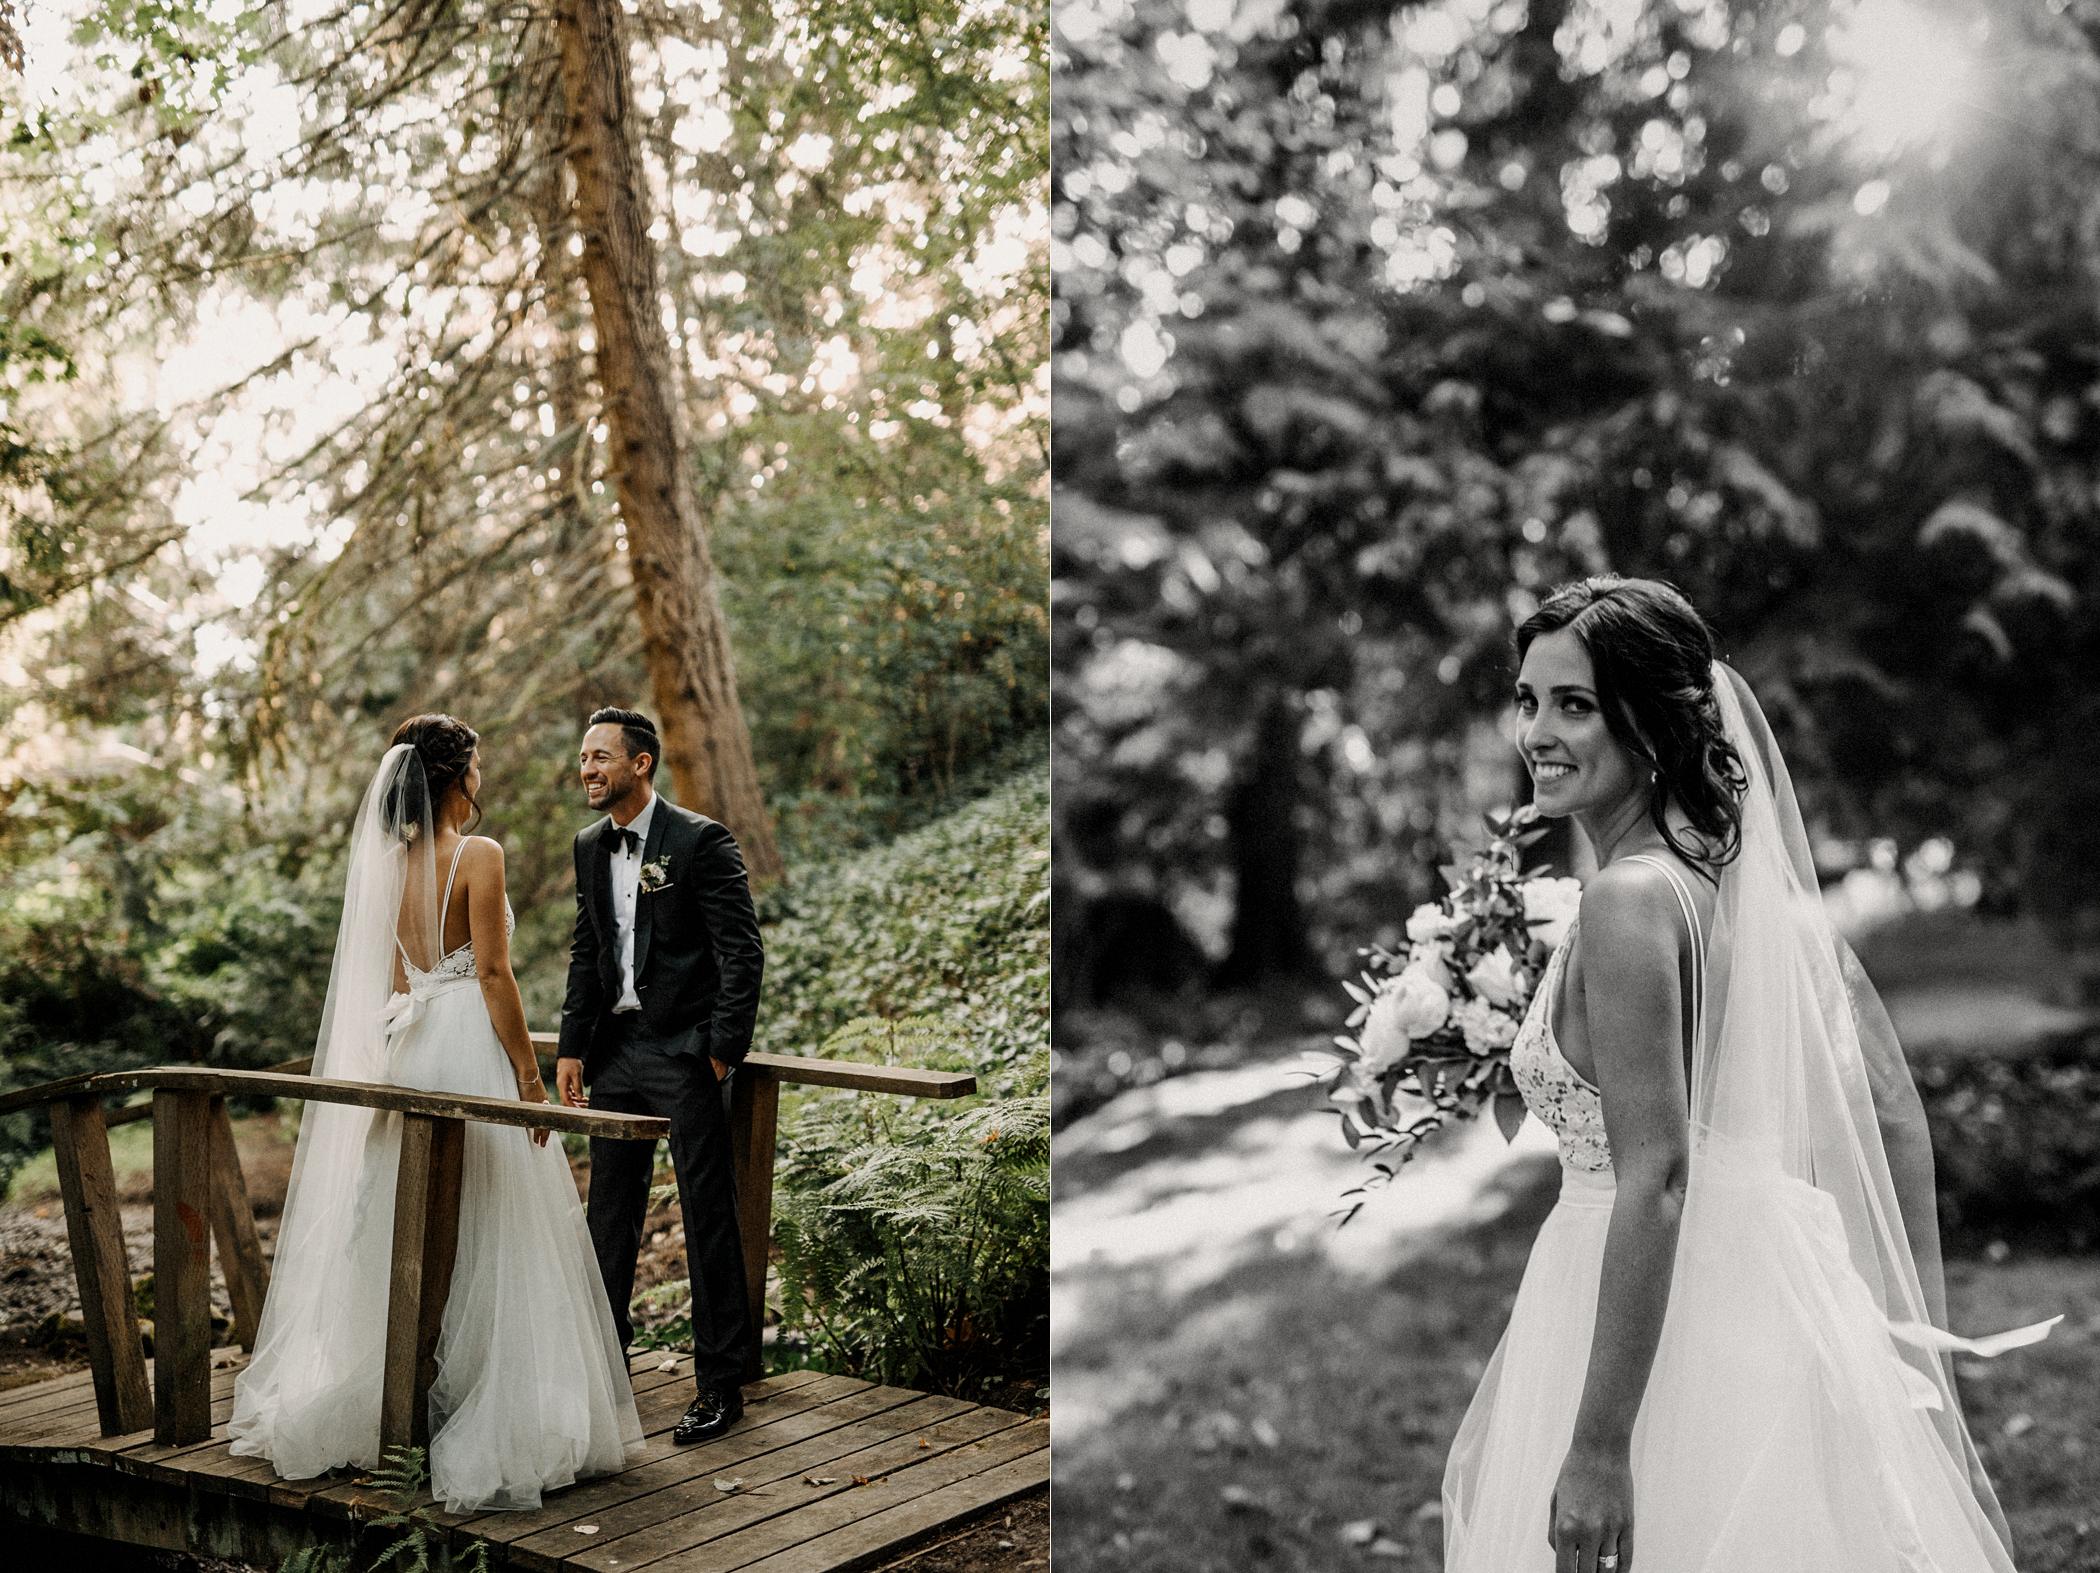 059-kaoverii-silva-KR-wedding-vancouver-photography-blog.png